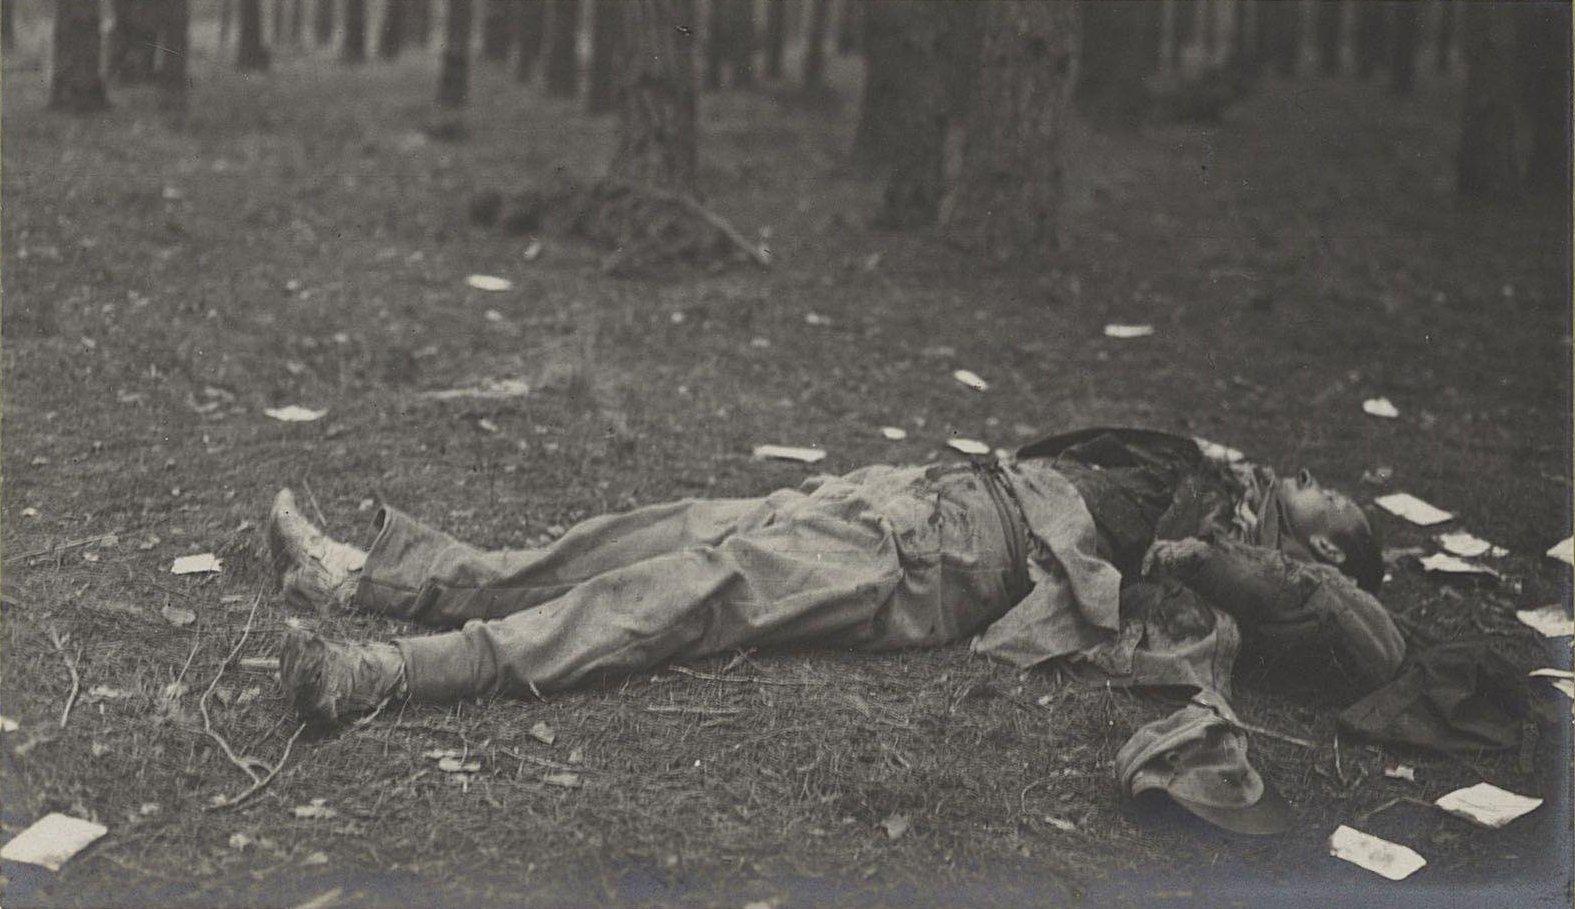 132. Трупы австрийцев нижних чинов, погибших при отступлении германцев от Вислы, в Августовском лесу у Козениц